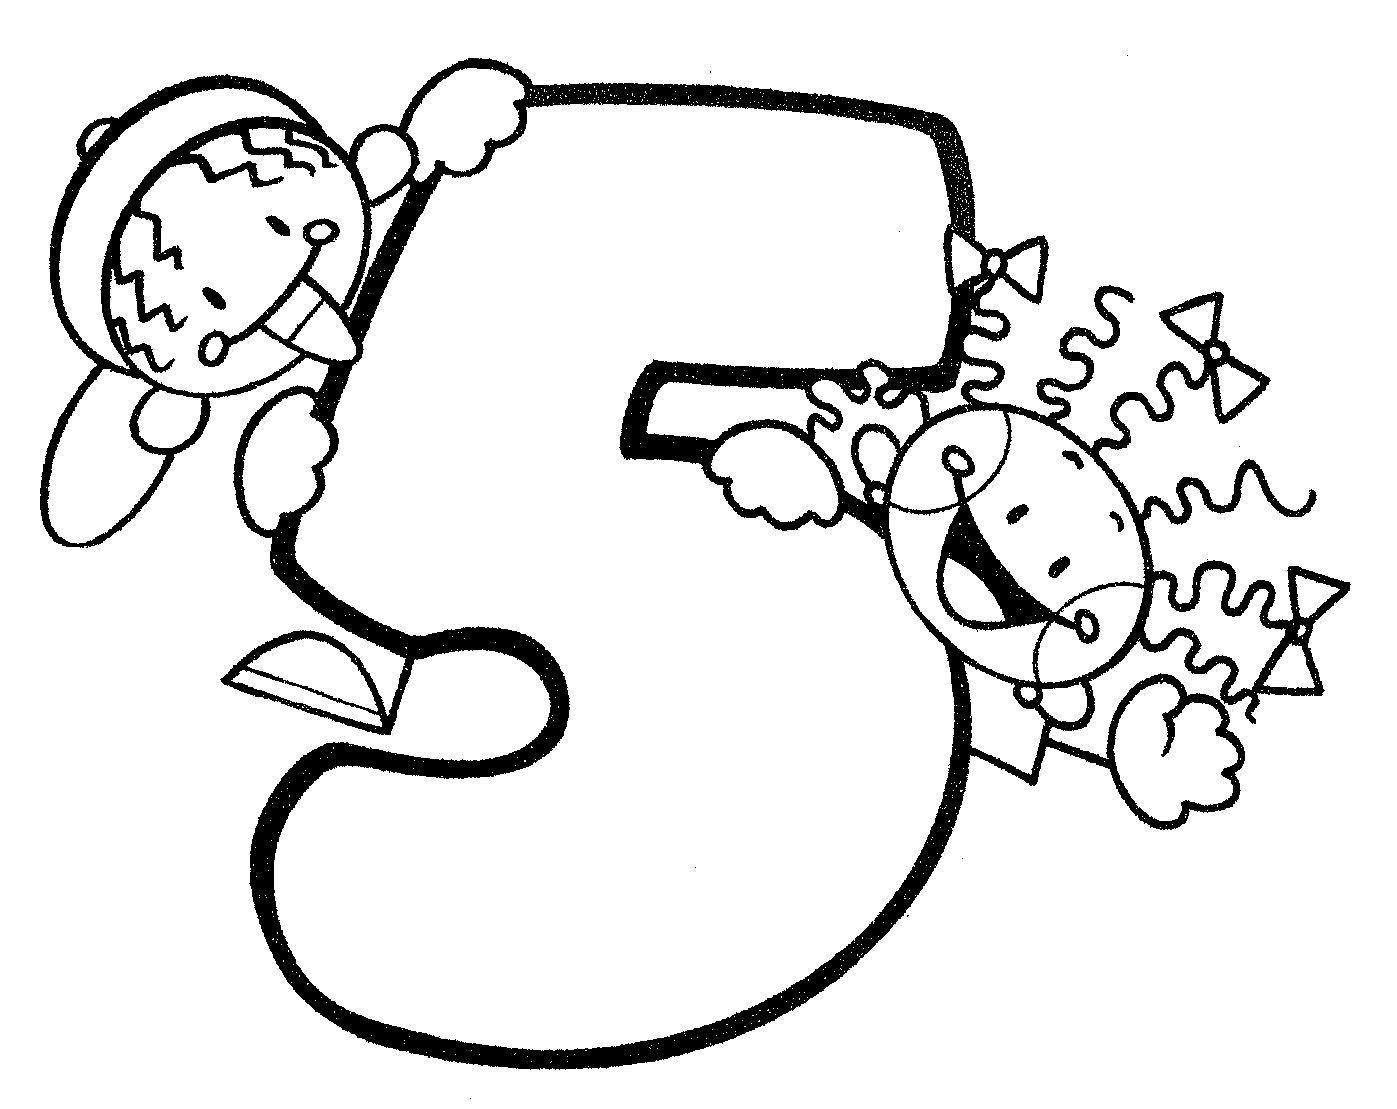 Numero 13 Para Colorear: Material Didáctico Para Niños. El Número Cinco, 5. Para